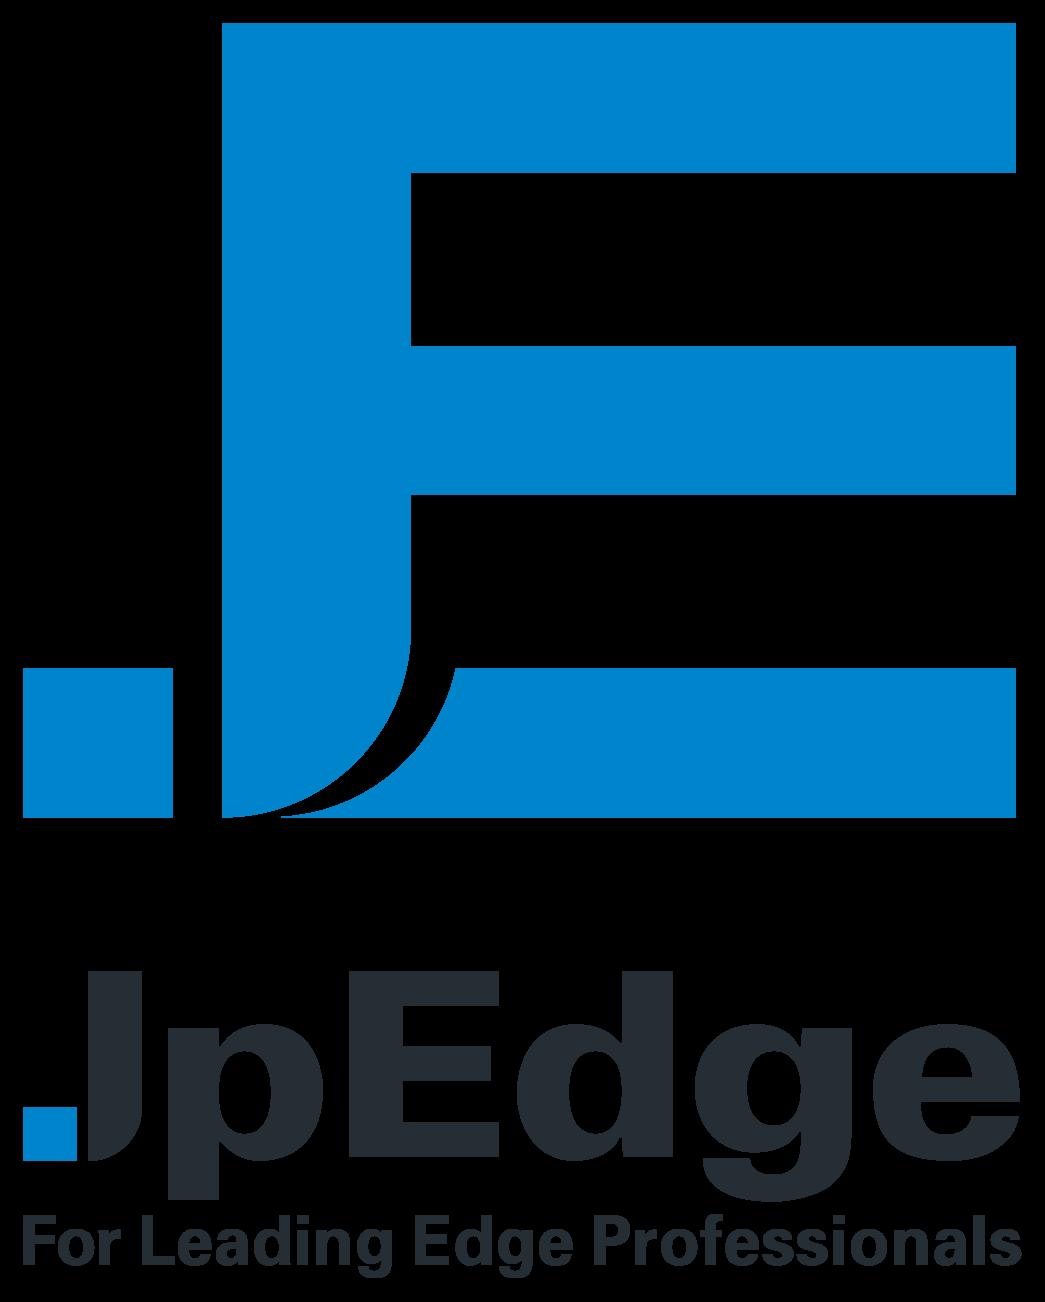 人材系サービスとシンプルと青のロゴ